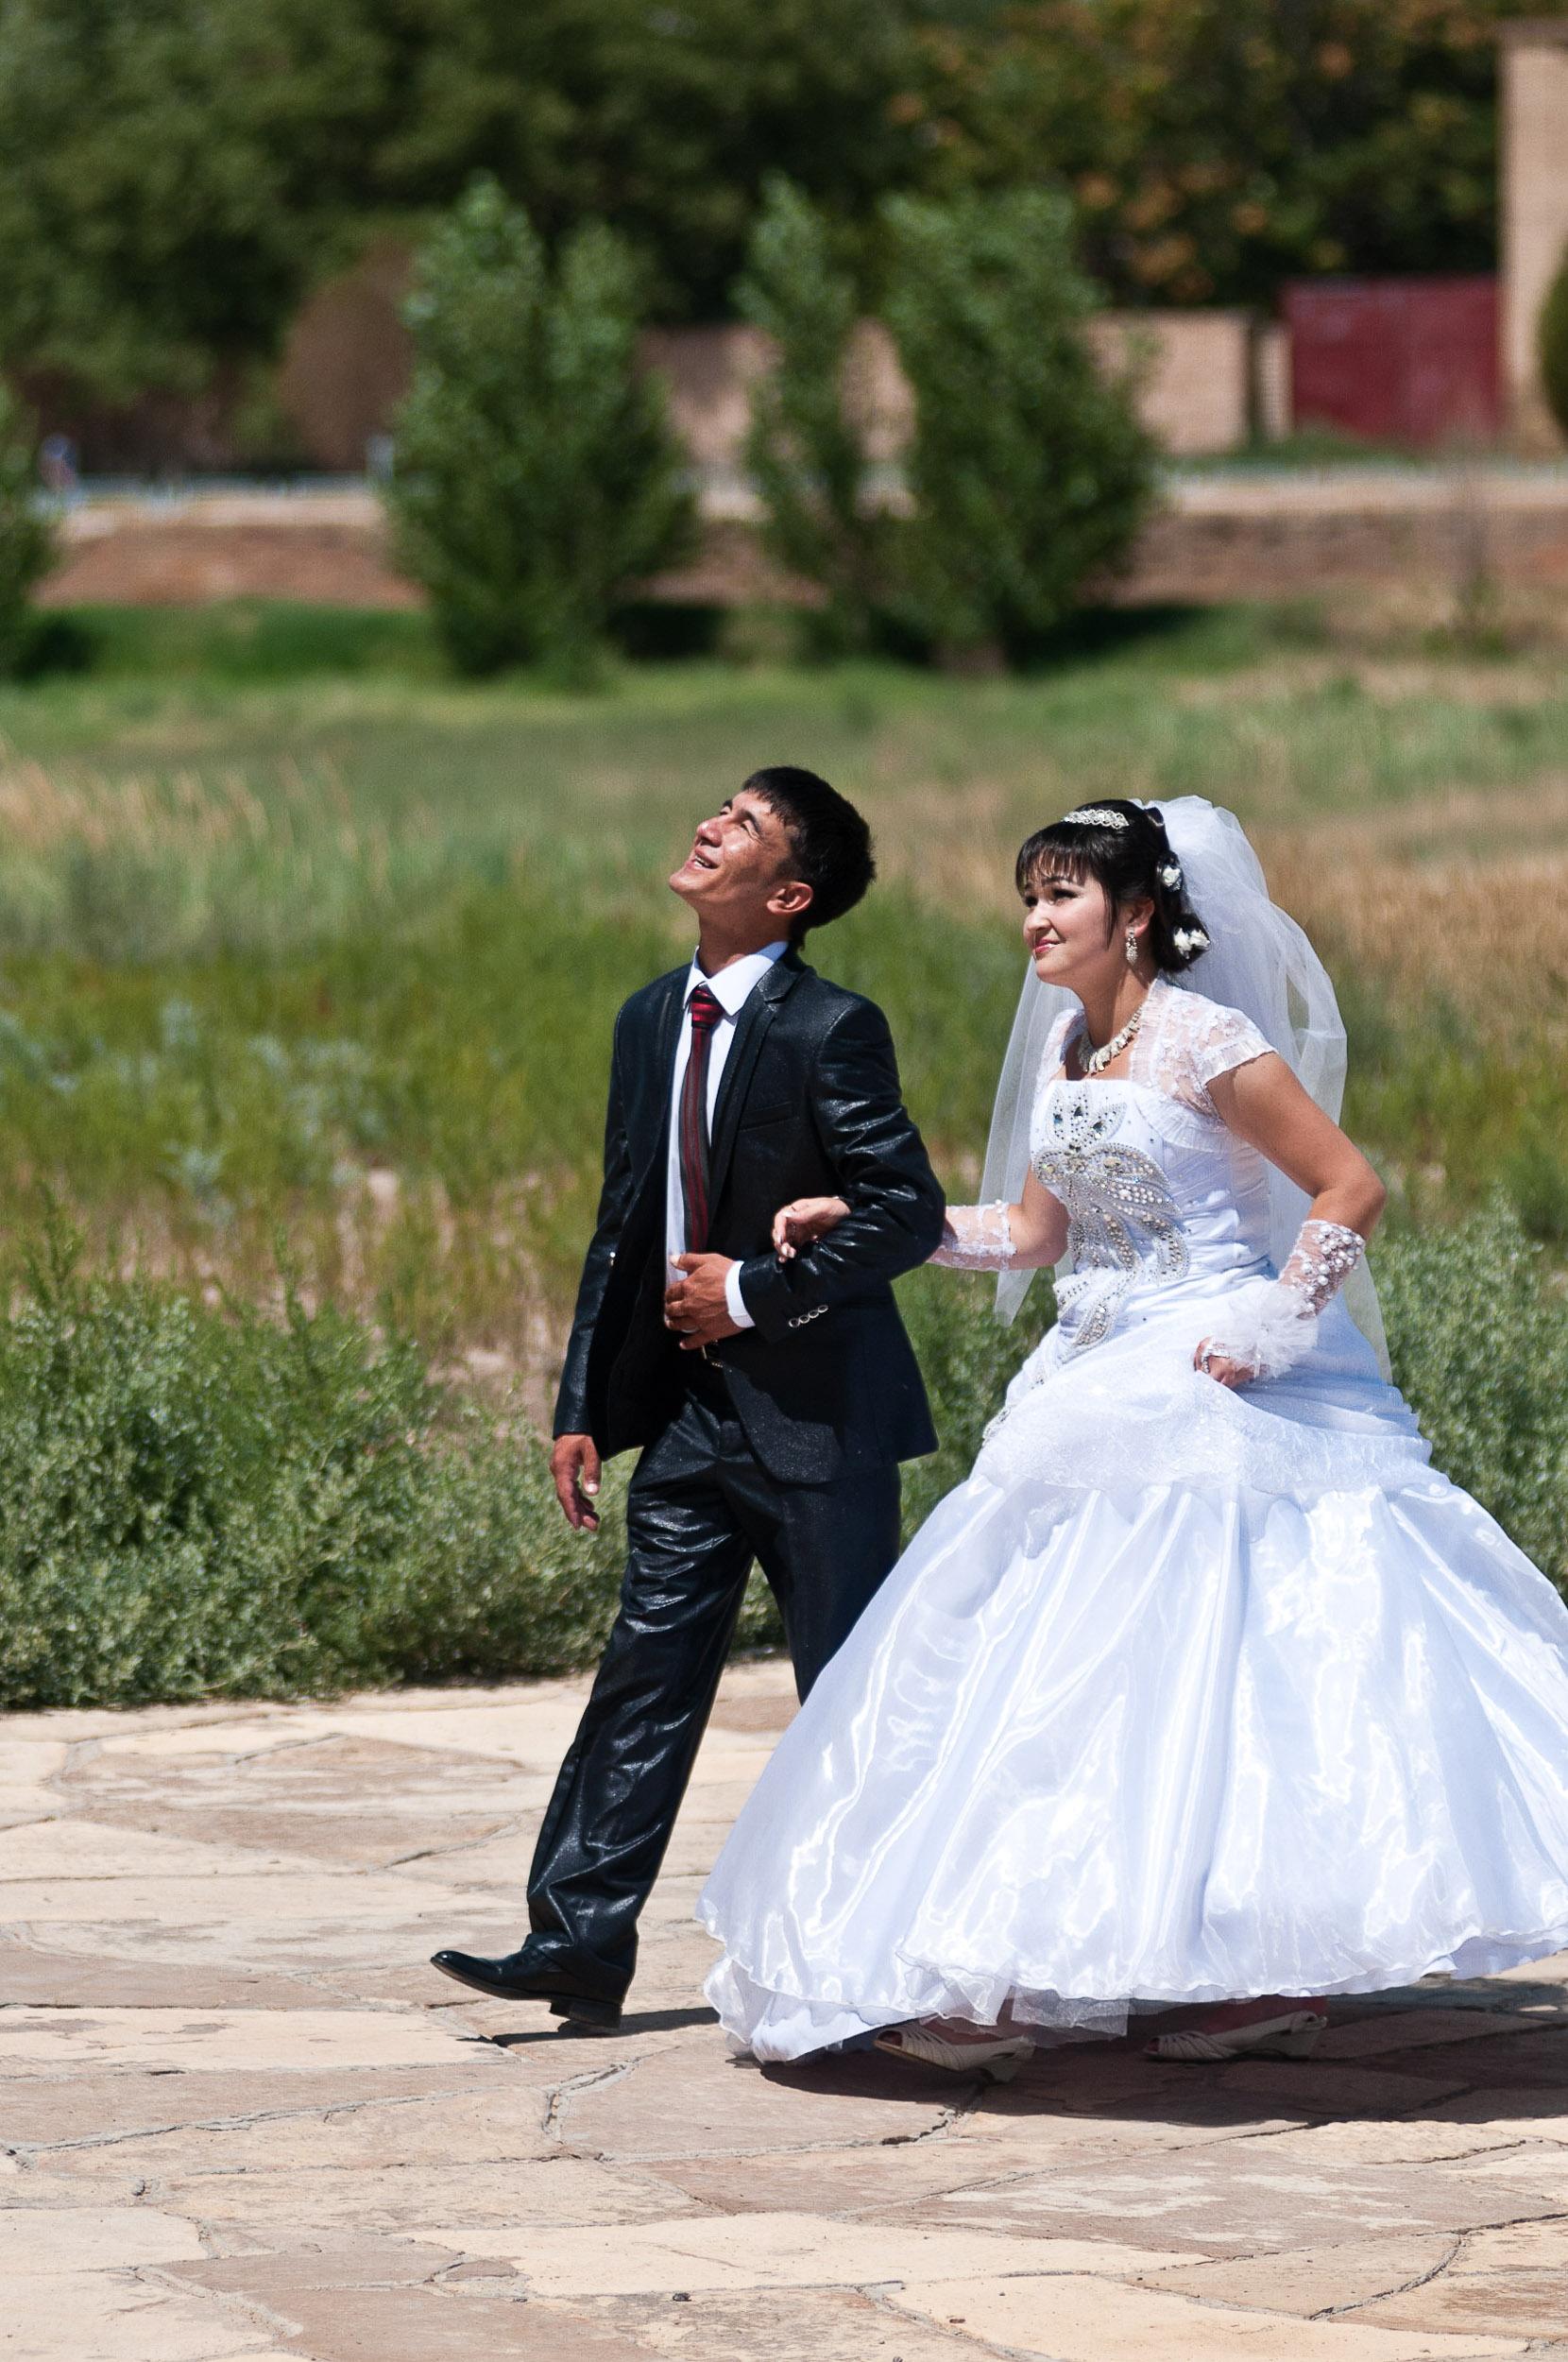 Bride and groom, Turkistan, Kazakhstan.